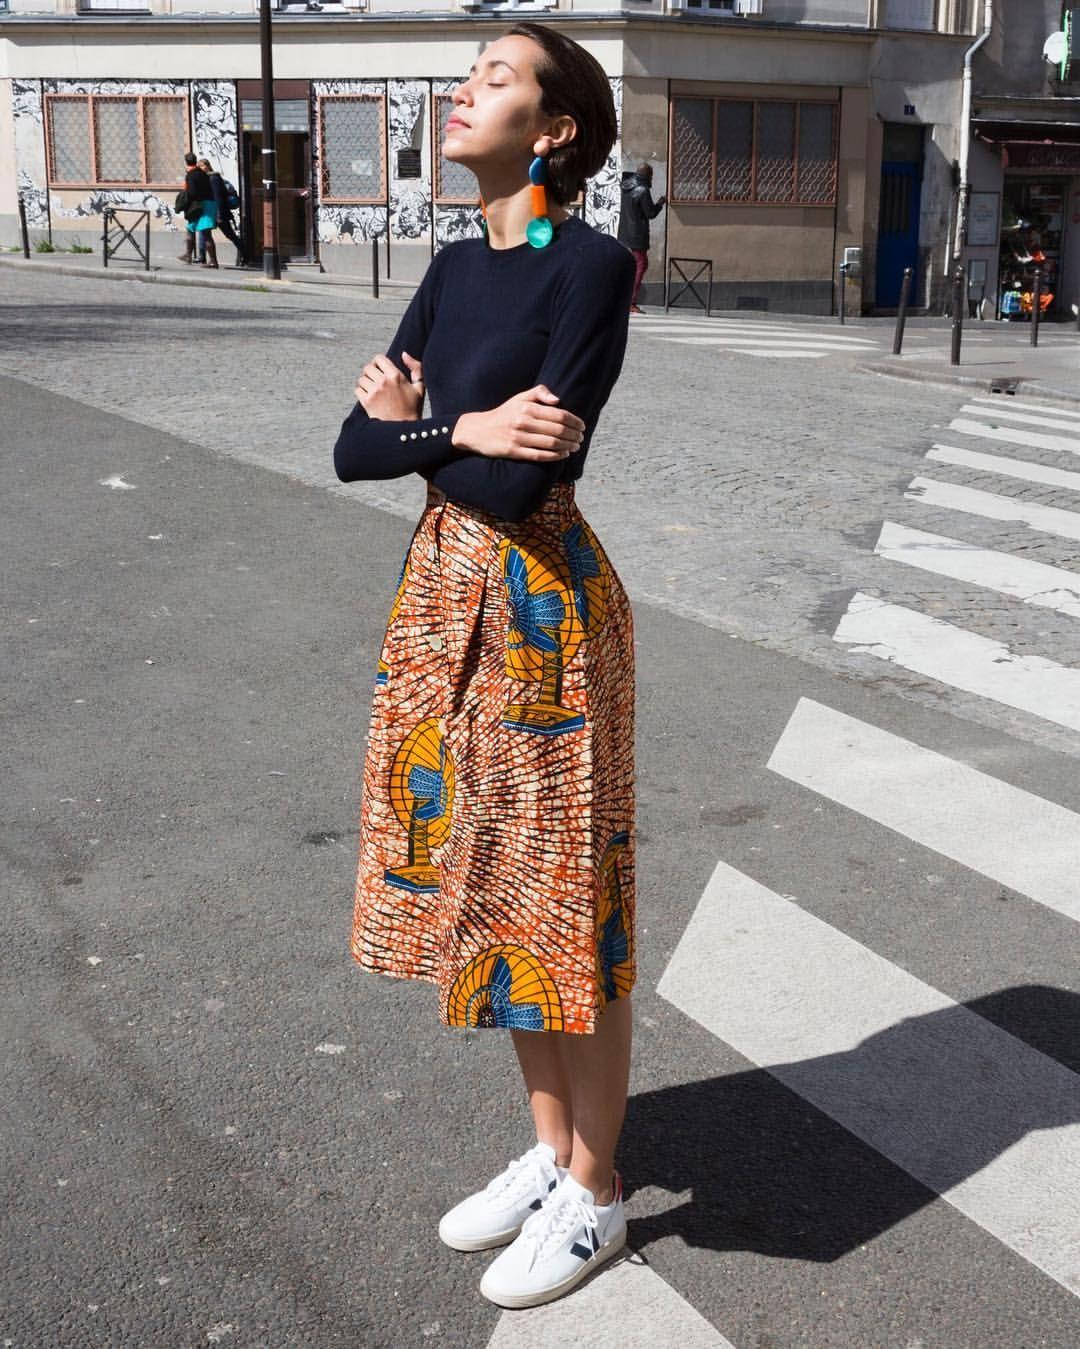 58496f29286e3 MAISON CHÂTEAU ROUGE sur Instagram   ☀ les jupes awa sont de retour en  boutique et ligne 💃🏾